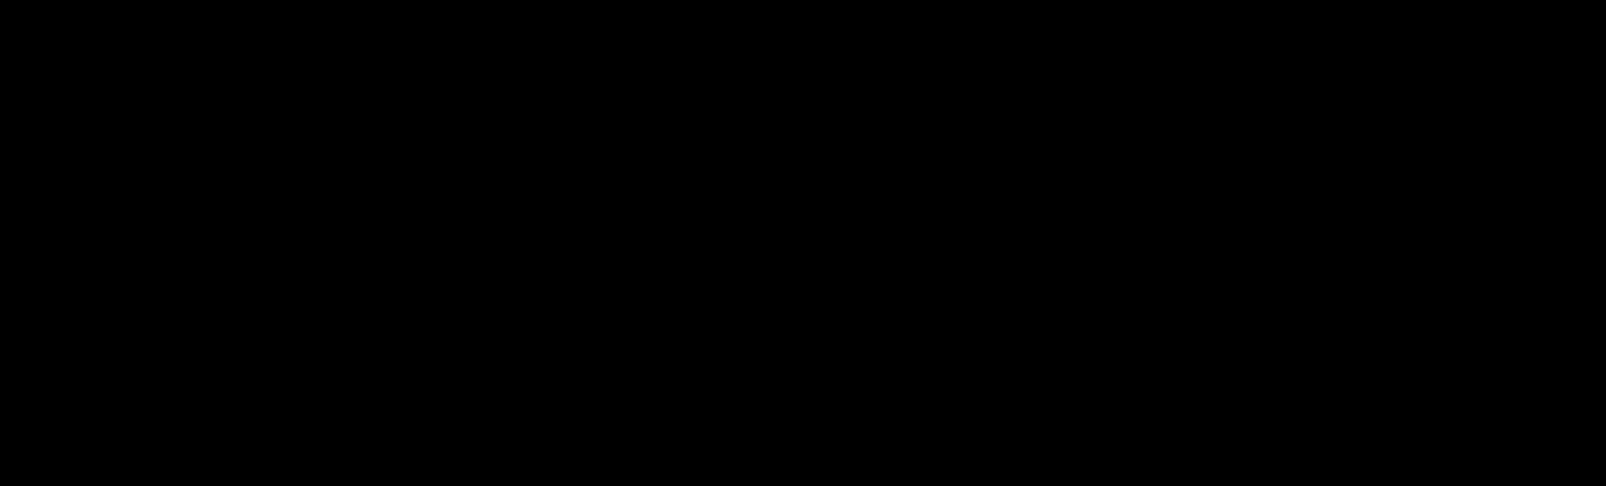 N-[2-(3-Amino-4-methoxyphenyl)ethyl]acetamide hydrochloride